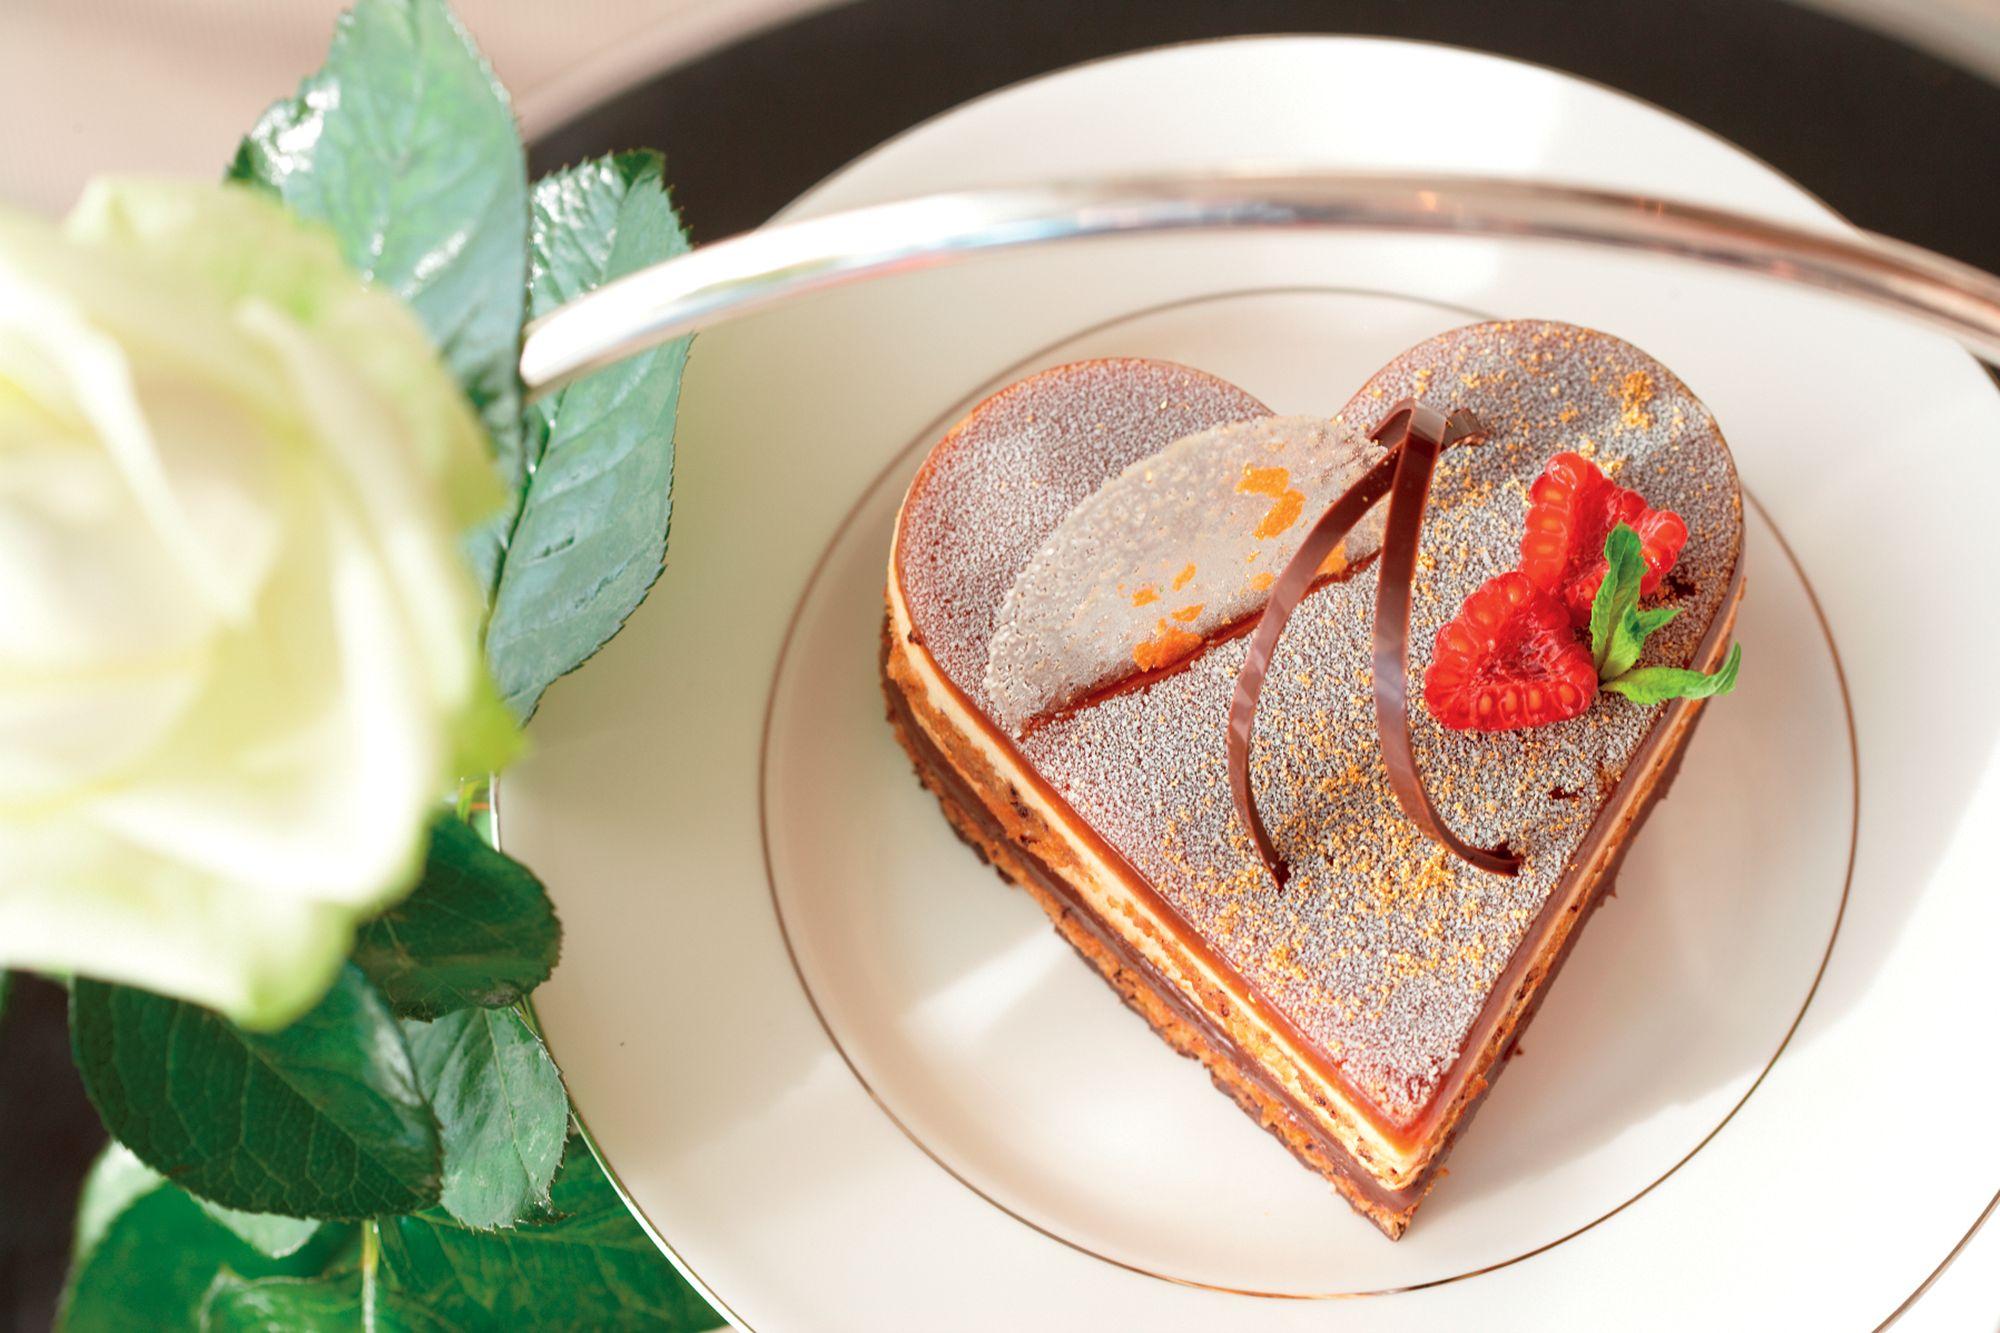 A heart-shaped cake